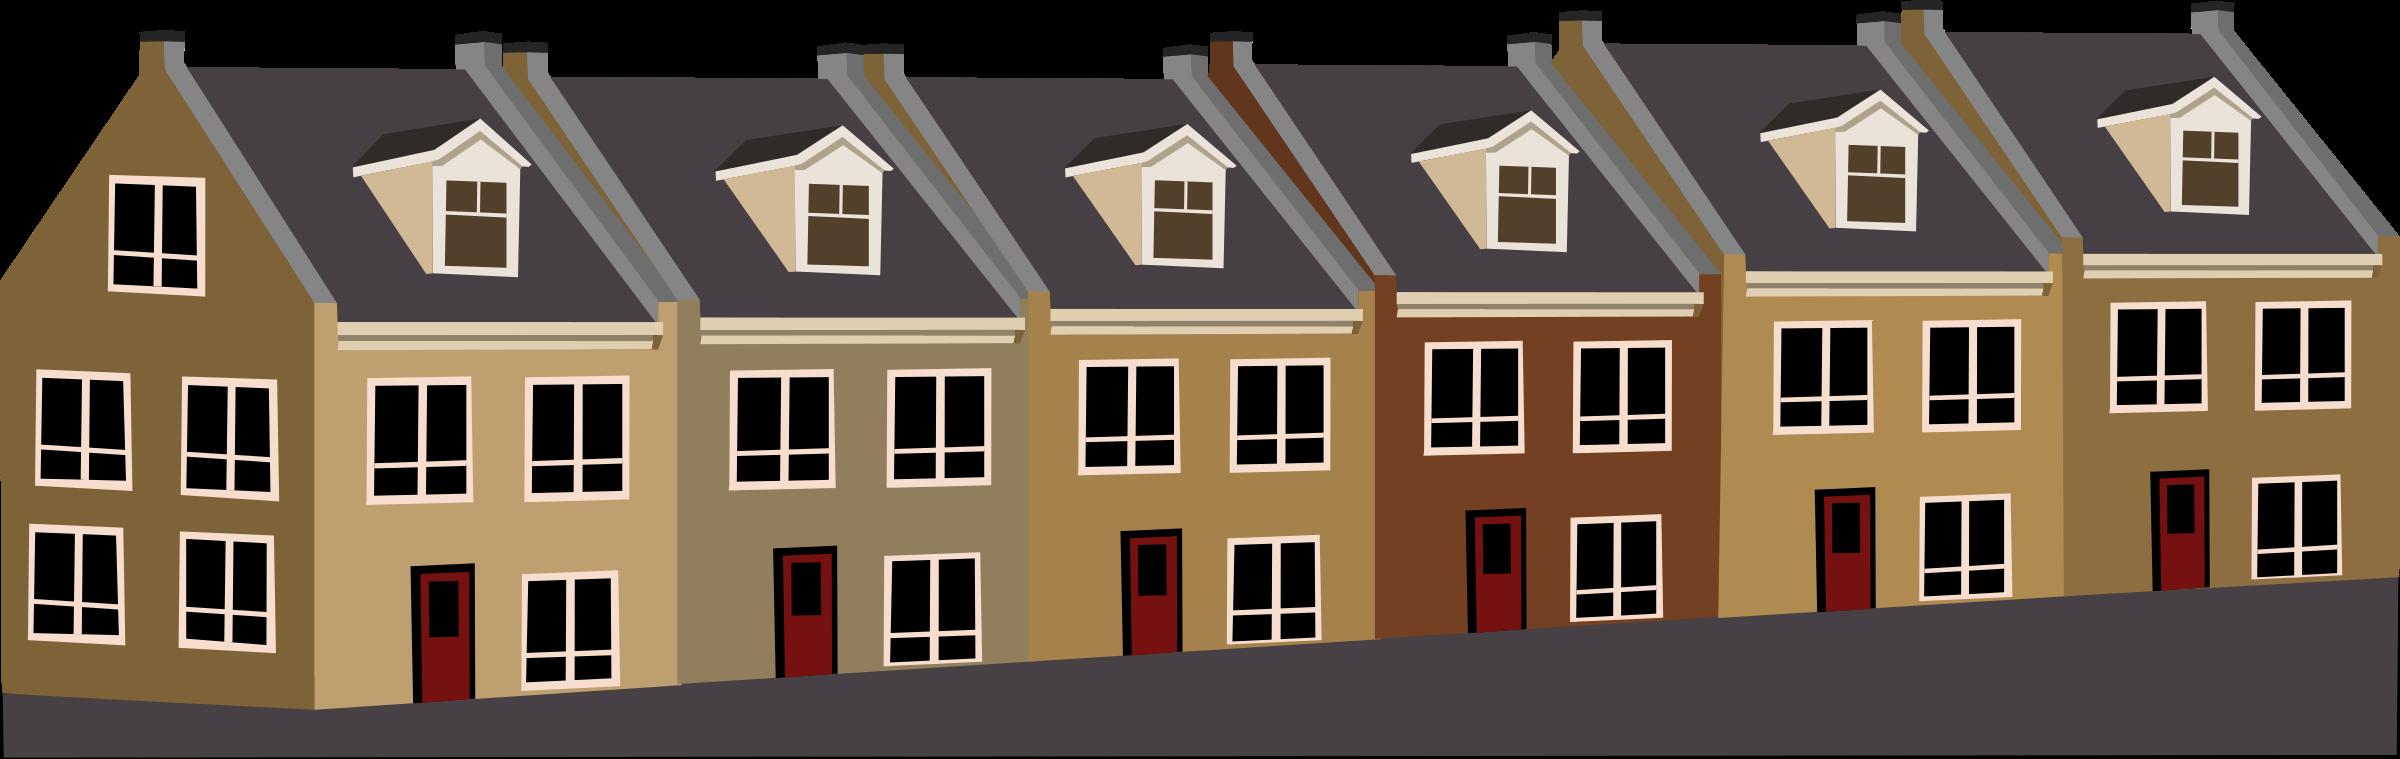 House siding clipart clipart transparent Clipart - Tarraced houses clipart transparent